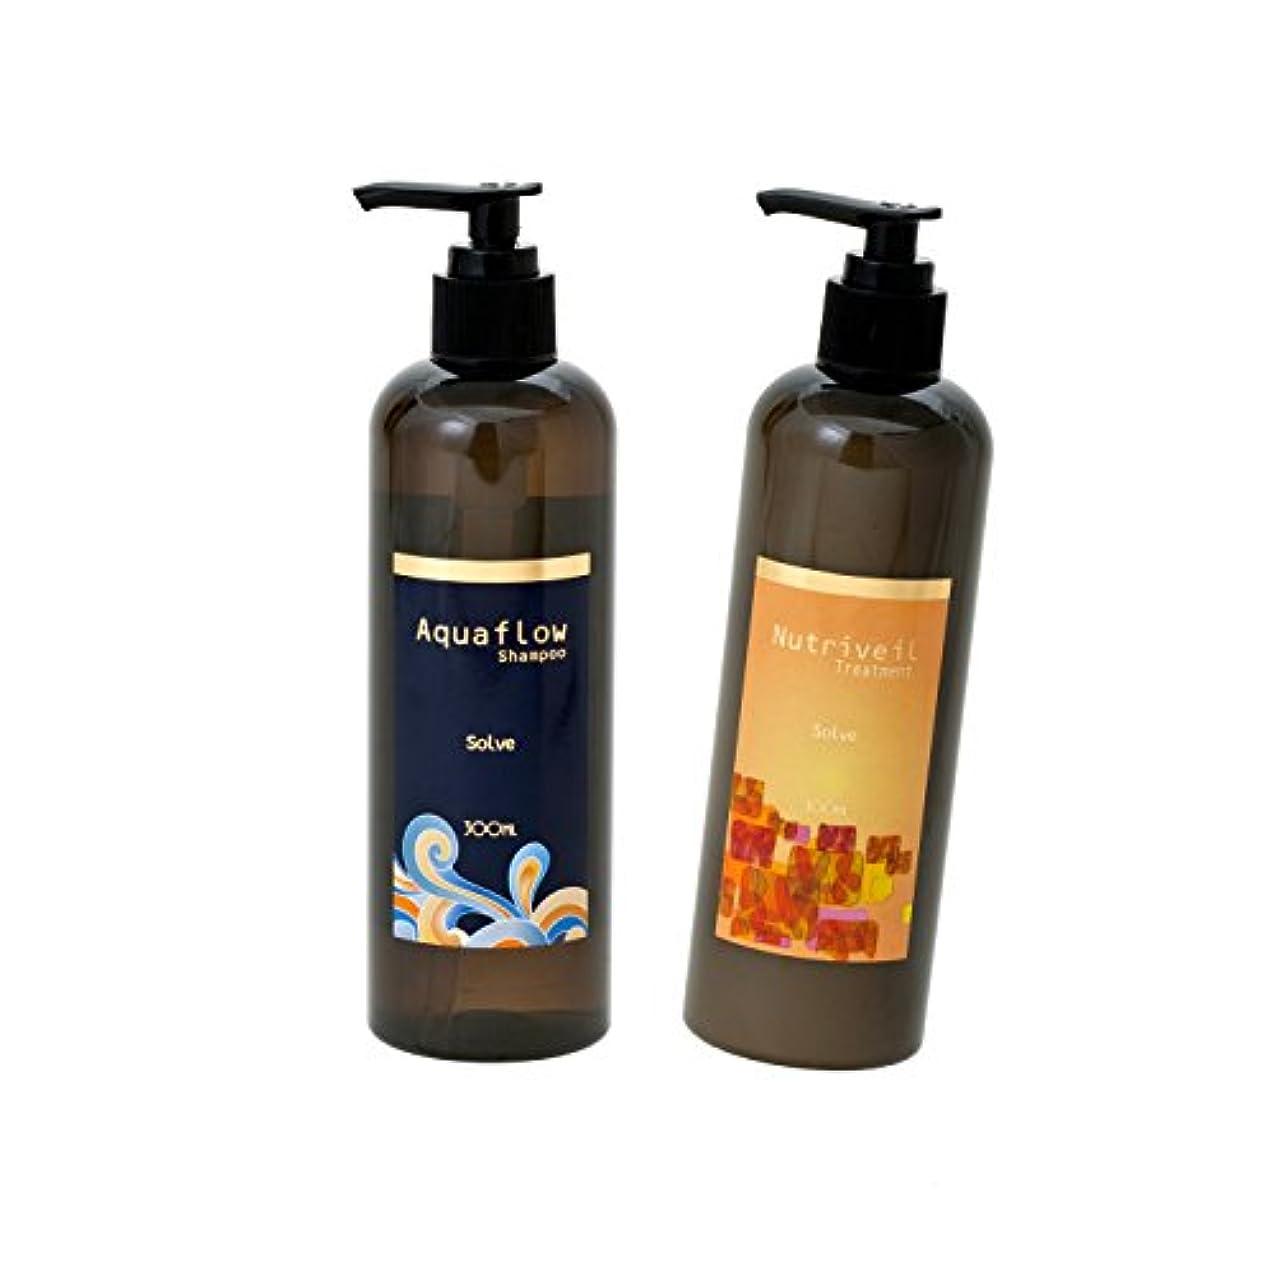 セットアップ厚い現実には縮毛矯正した髪を栄養そのもので洗うsolve ソルブシャンプー「Aquaflow_アクアフロー」ソルブトリートメント「Nutriveil_ニュートリヴェール」セット カラーの繰り返しで大きくダメージした髪のケアにも。 (300ml_set)